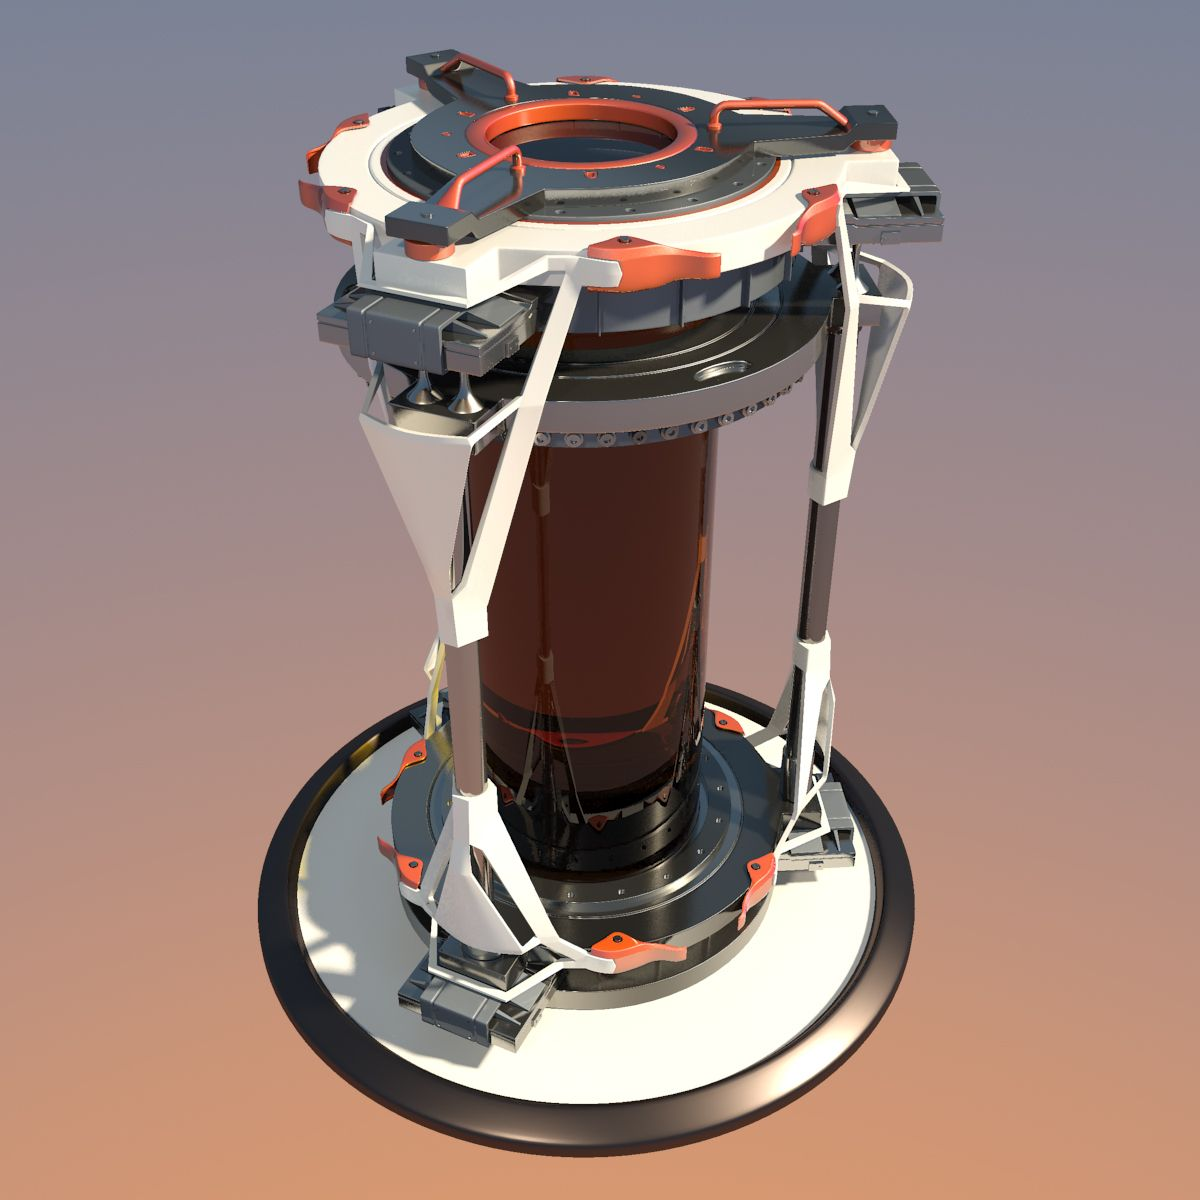 Scifi Biohazard Container 3d Model Cryo Sci Fi Futuristic Biohazard